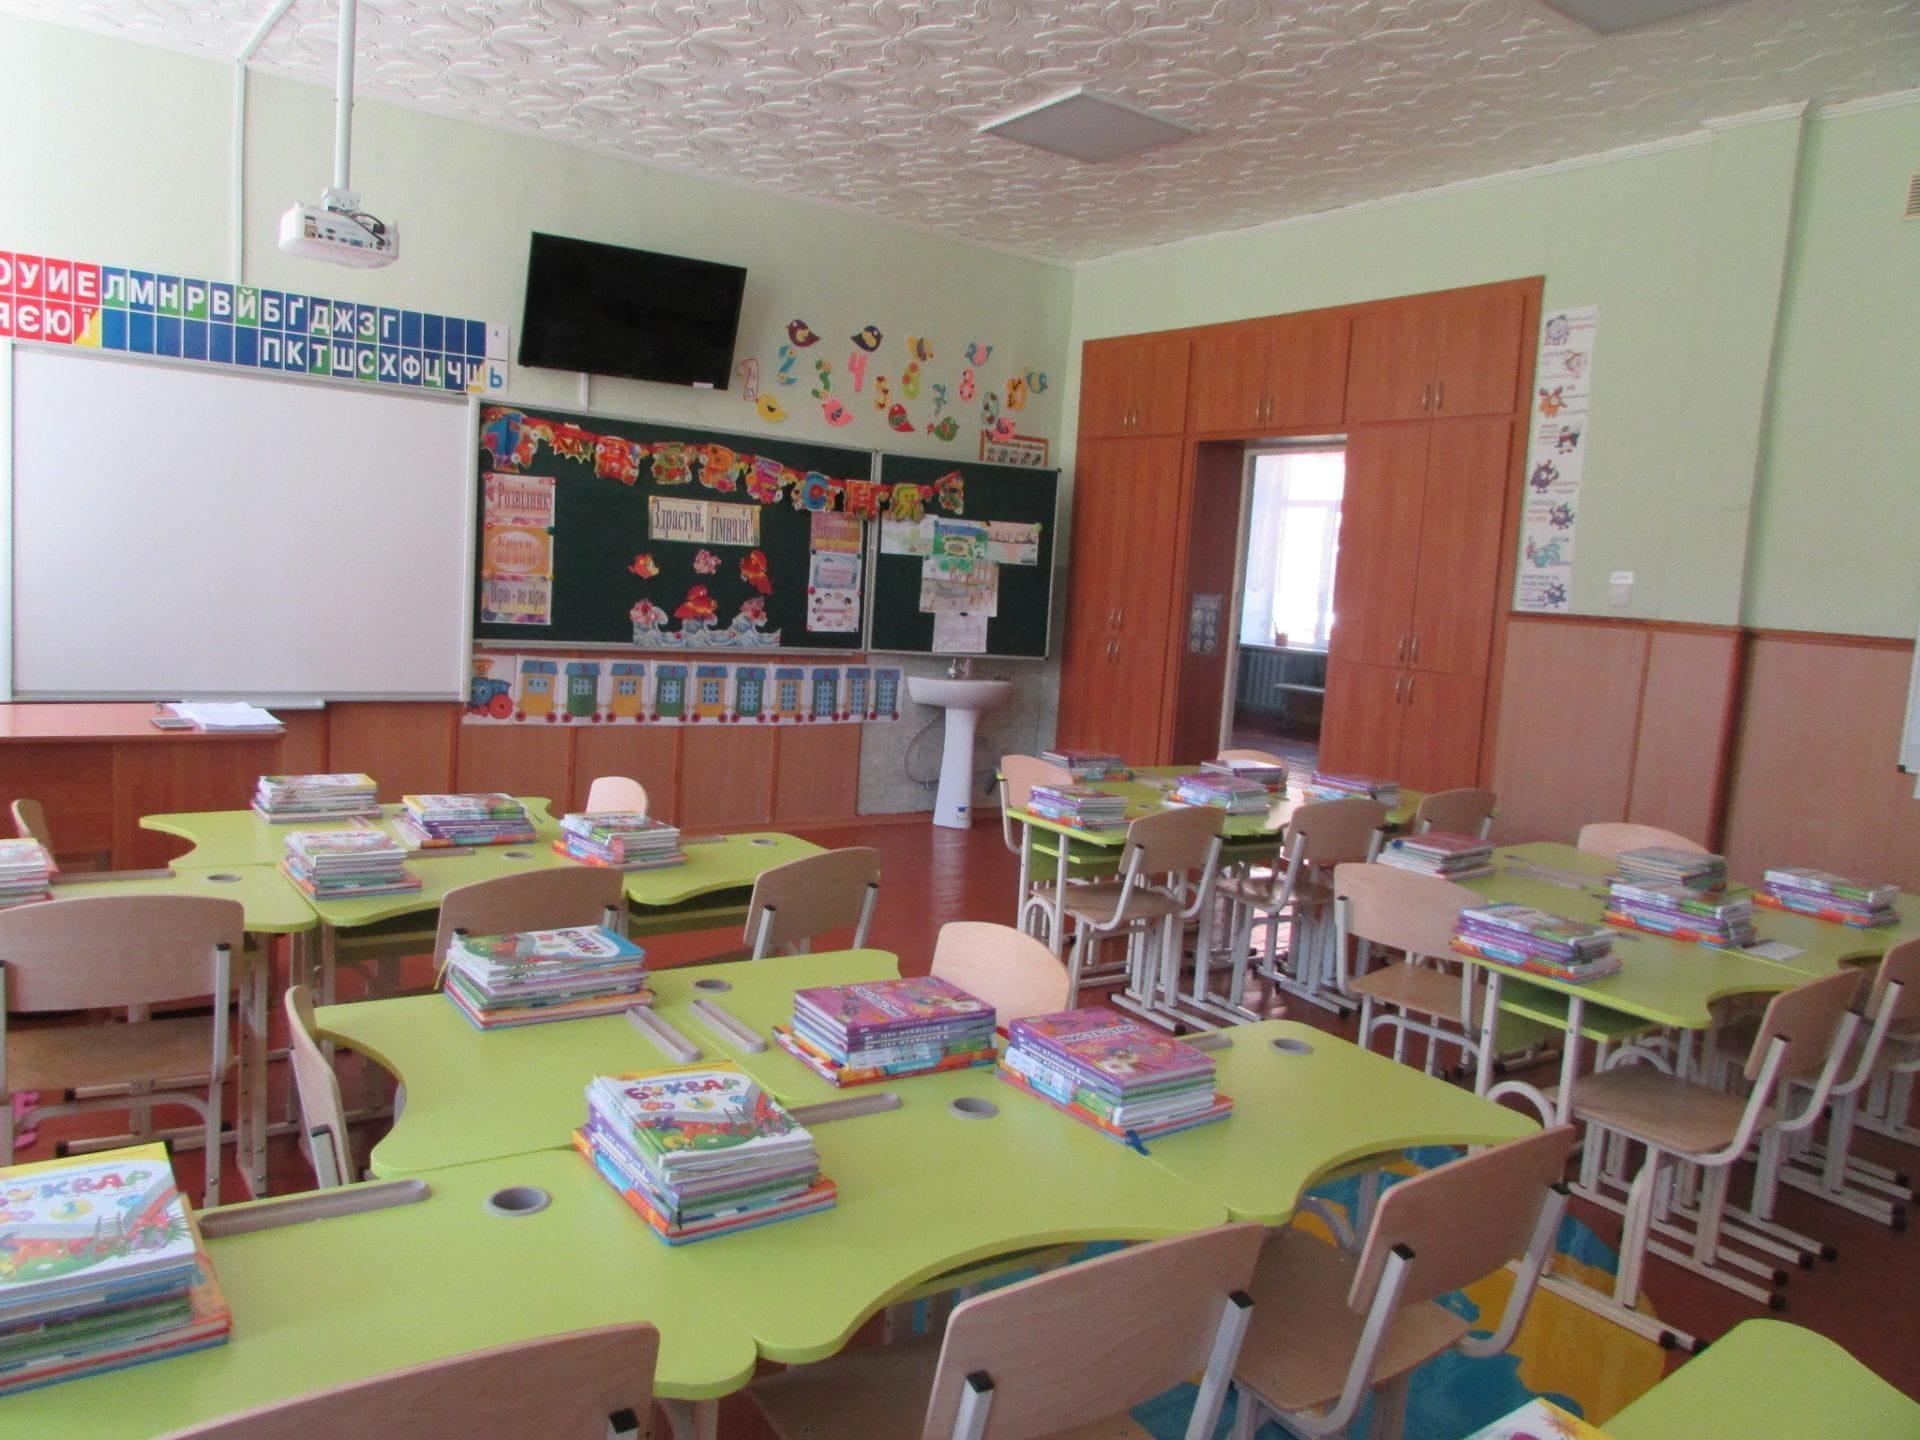 Як працюватимуть школи і дитсадки із 24 лютого: нові правила карантину